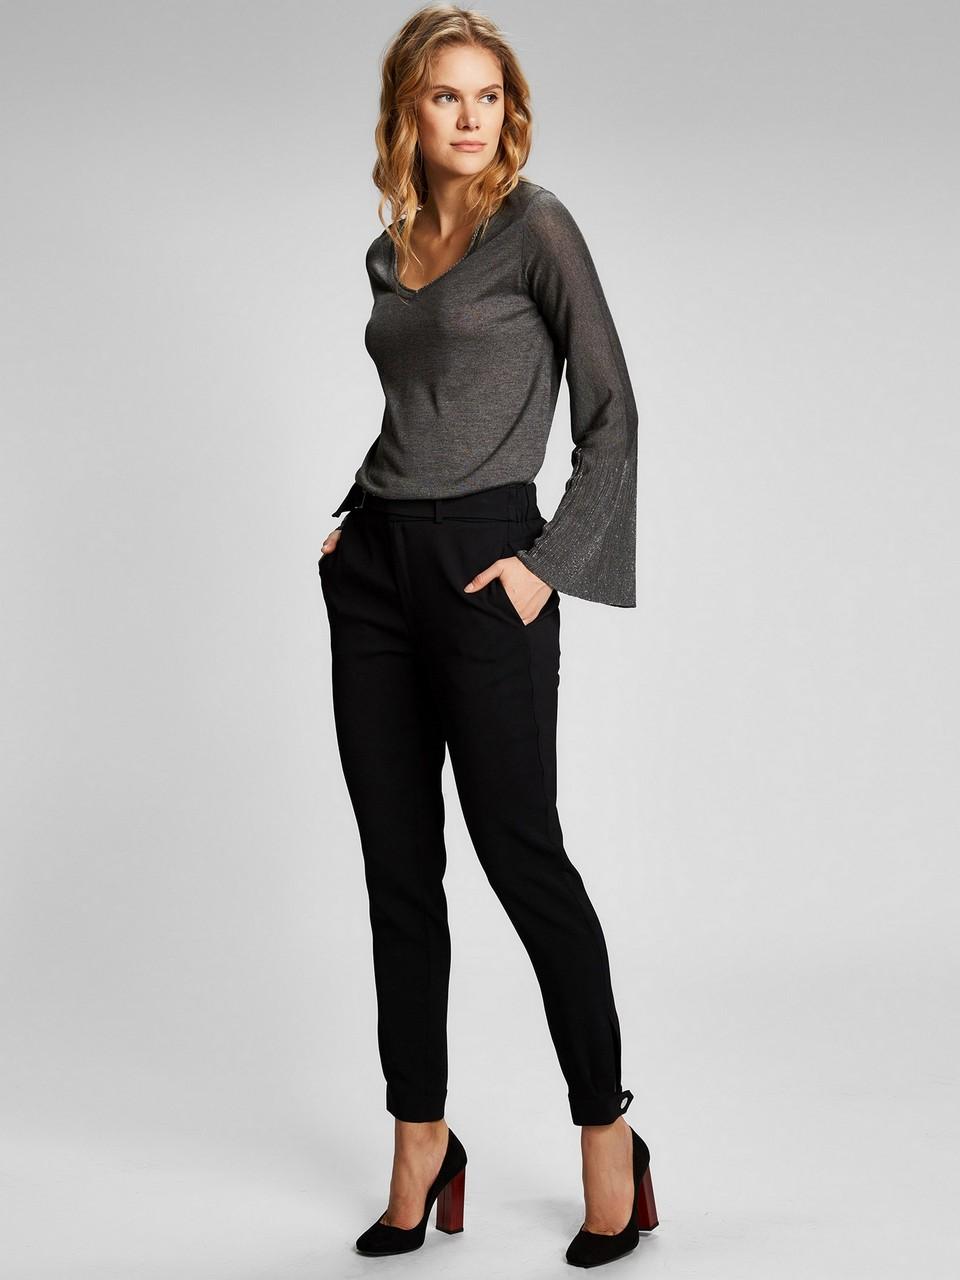 Kemer Detaylı Paçası Çıtçıtlı Pantolon